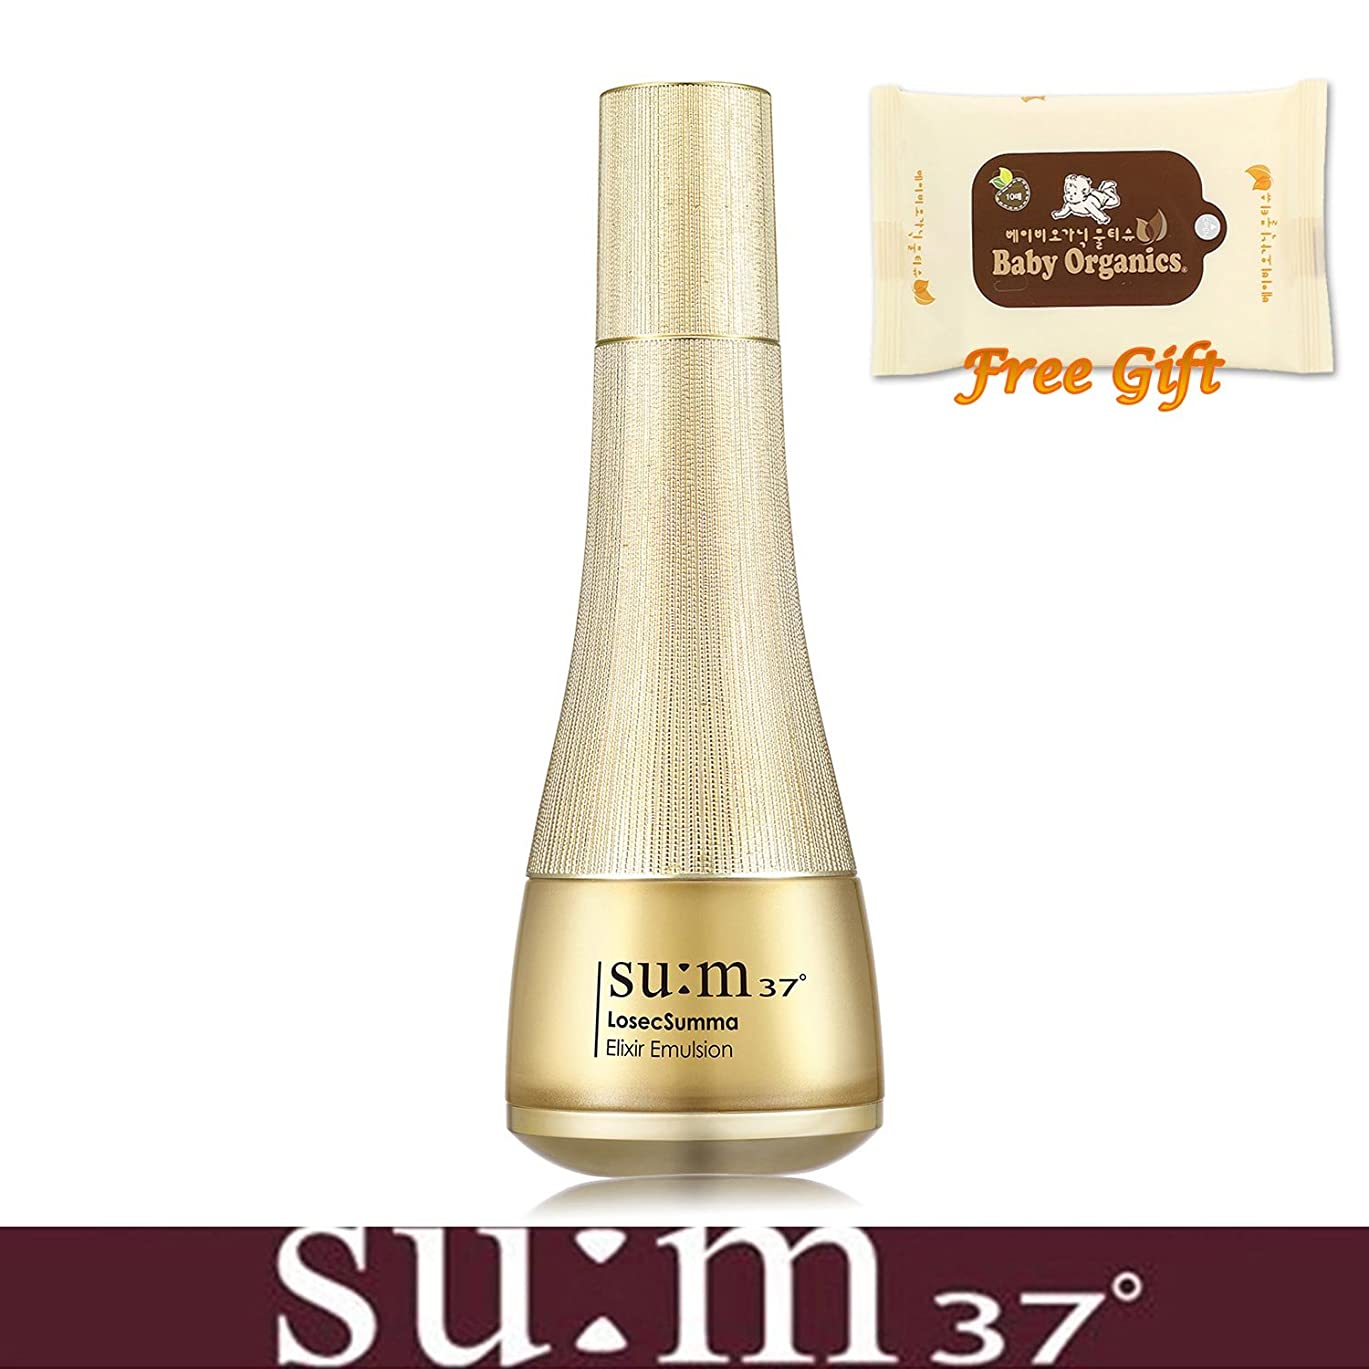 太い玉手入れ[su:m37/スム37°]Sum37 LOSEC SUMMA ELIXIR emulsion 130 ml+ Portable Tissue/スム37 LOSEC SUMMA ELIXIR エマルジョン 130ml + [Free Gift](海外直送品)